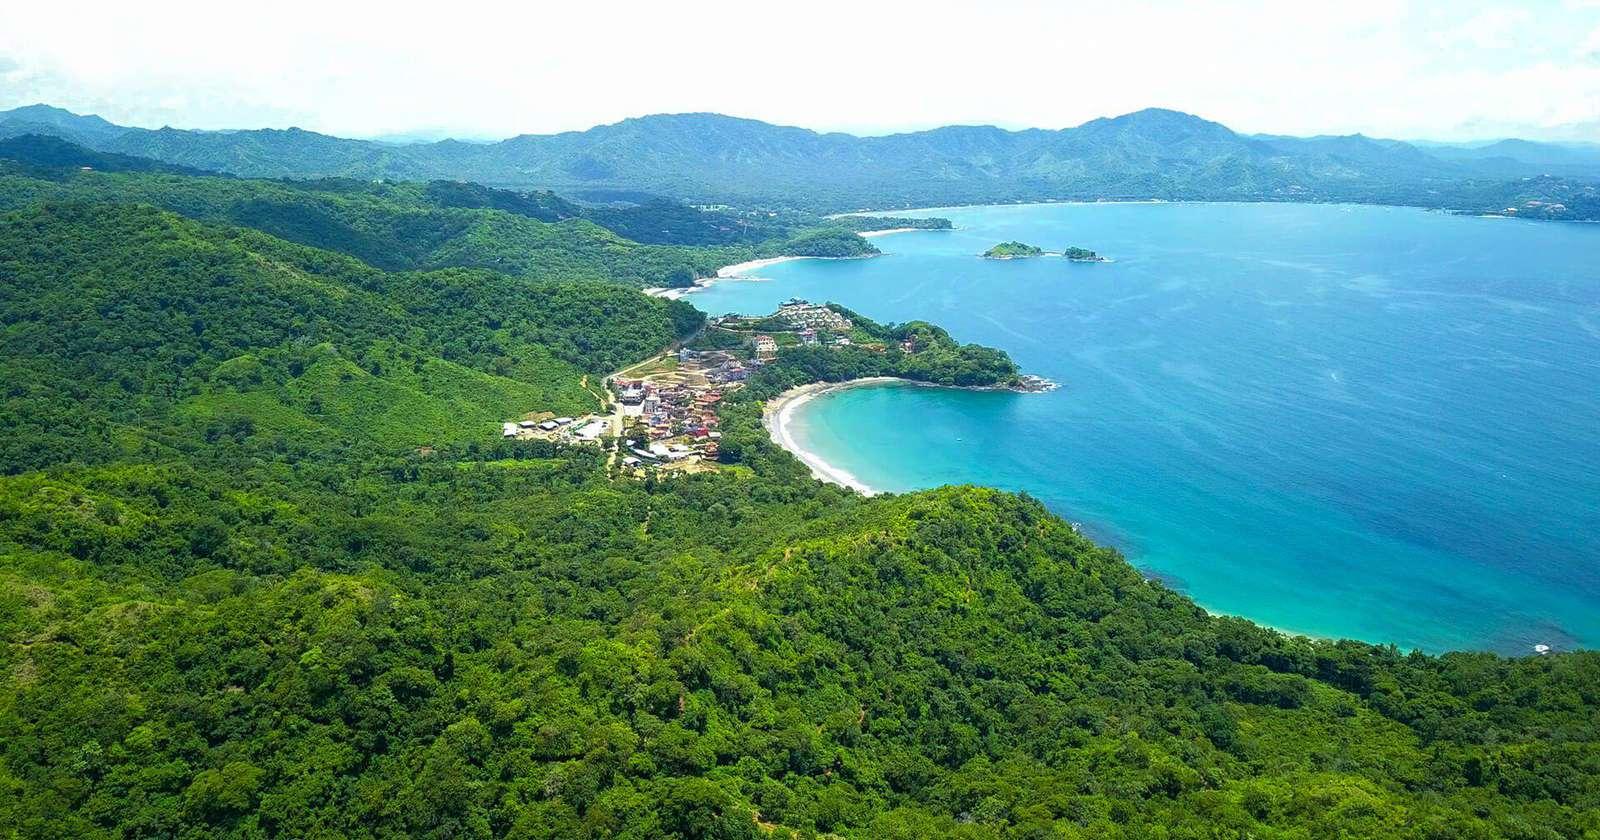 Aerial view of Playa Danta